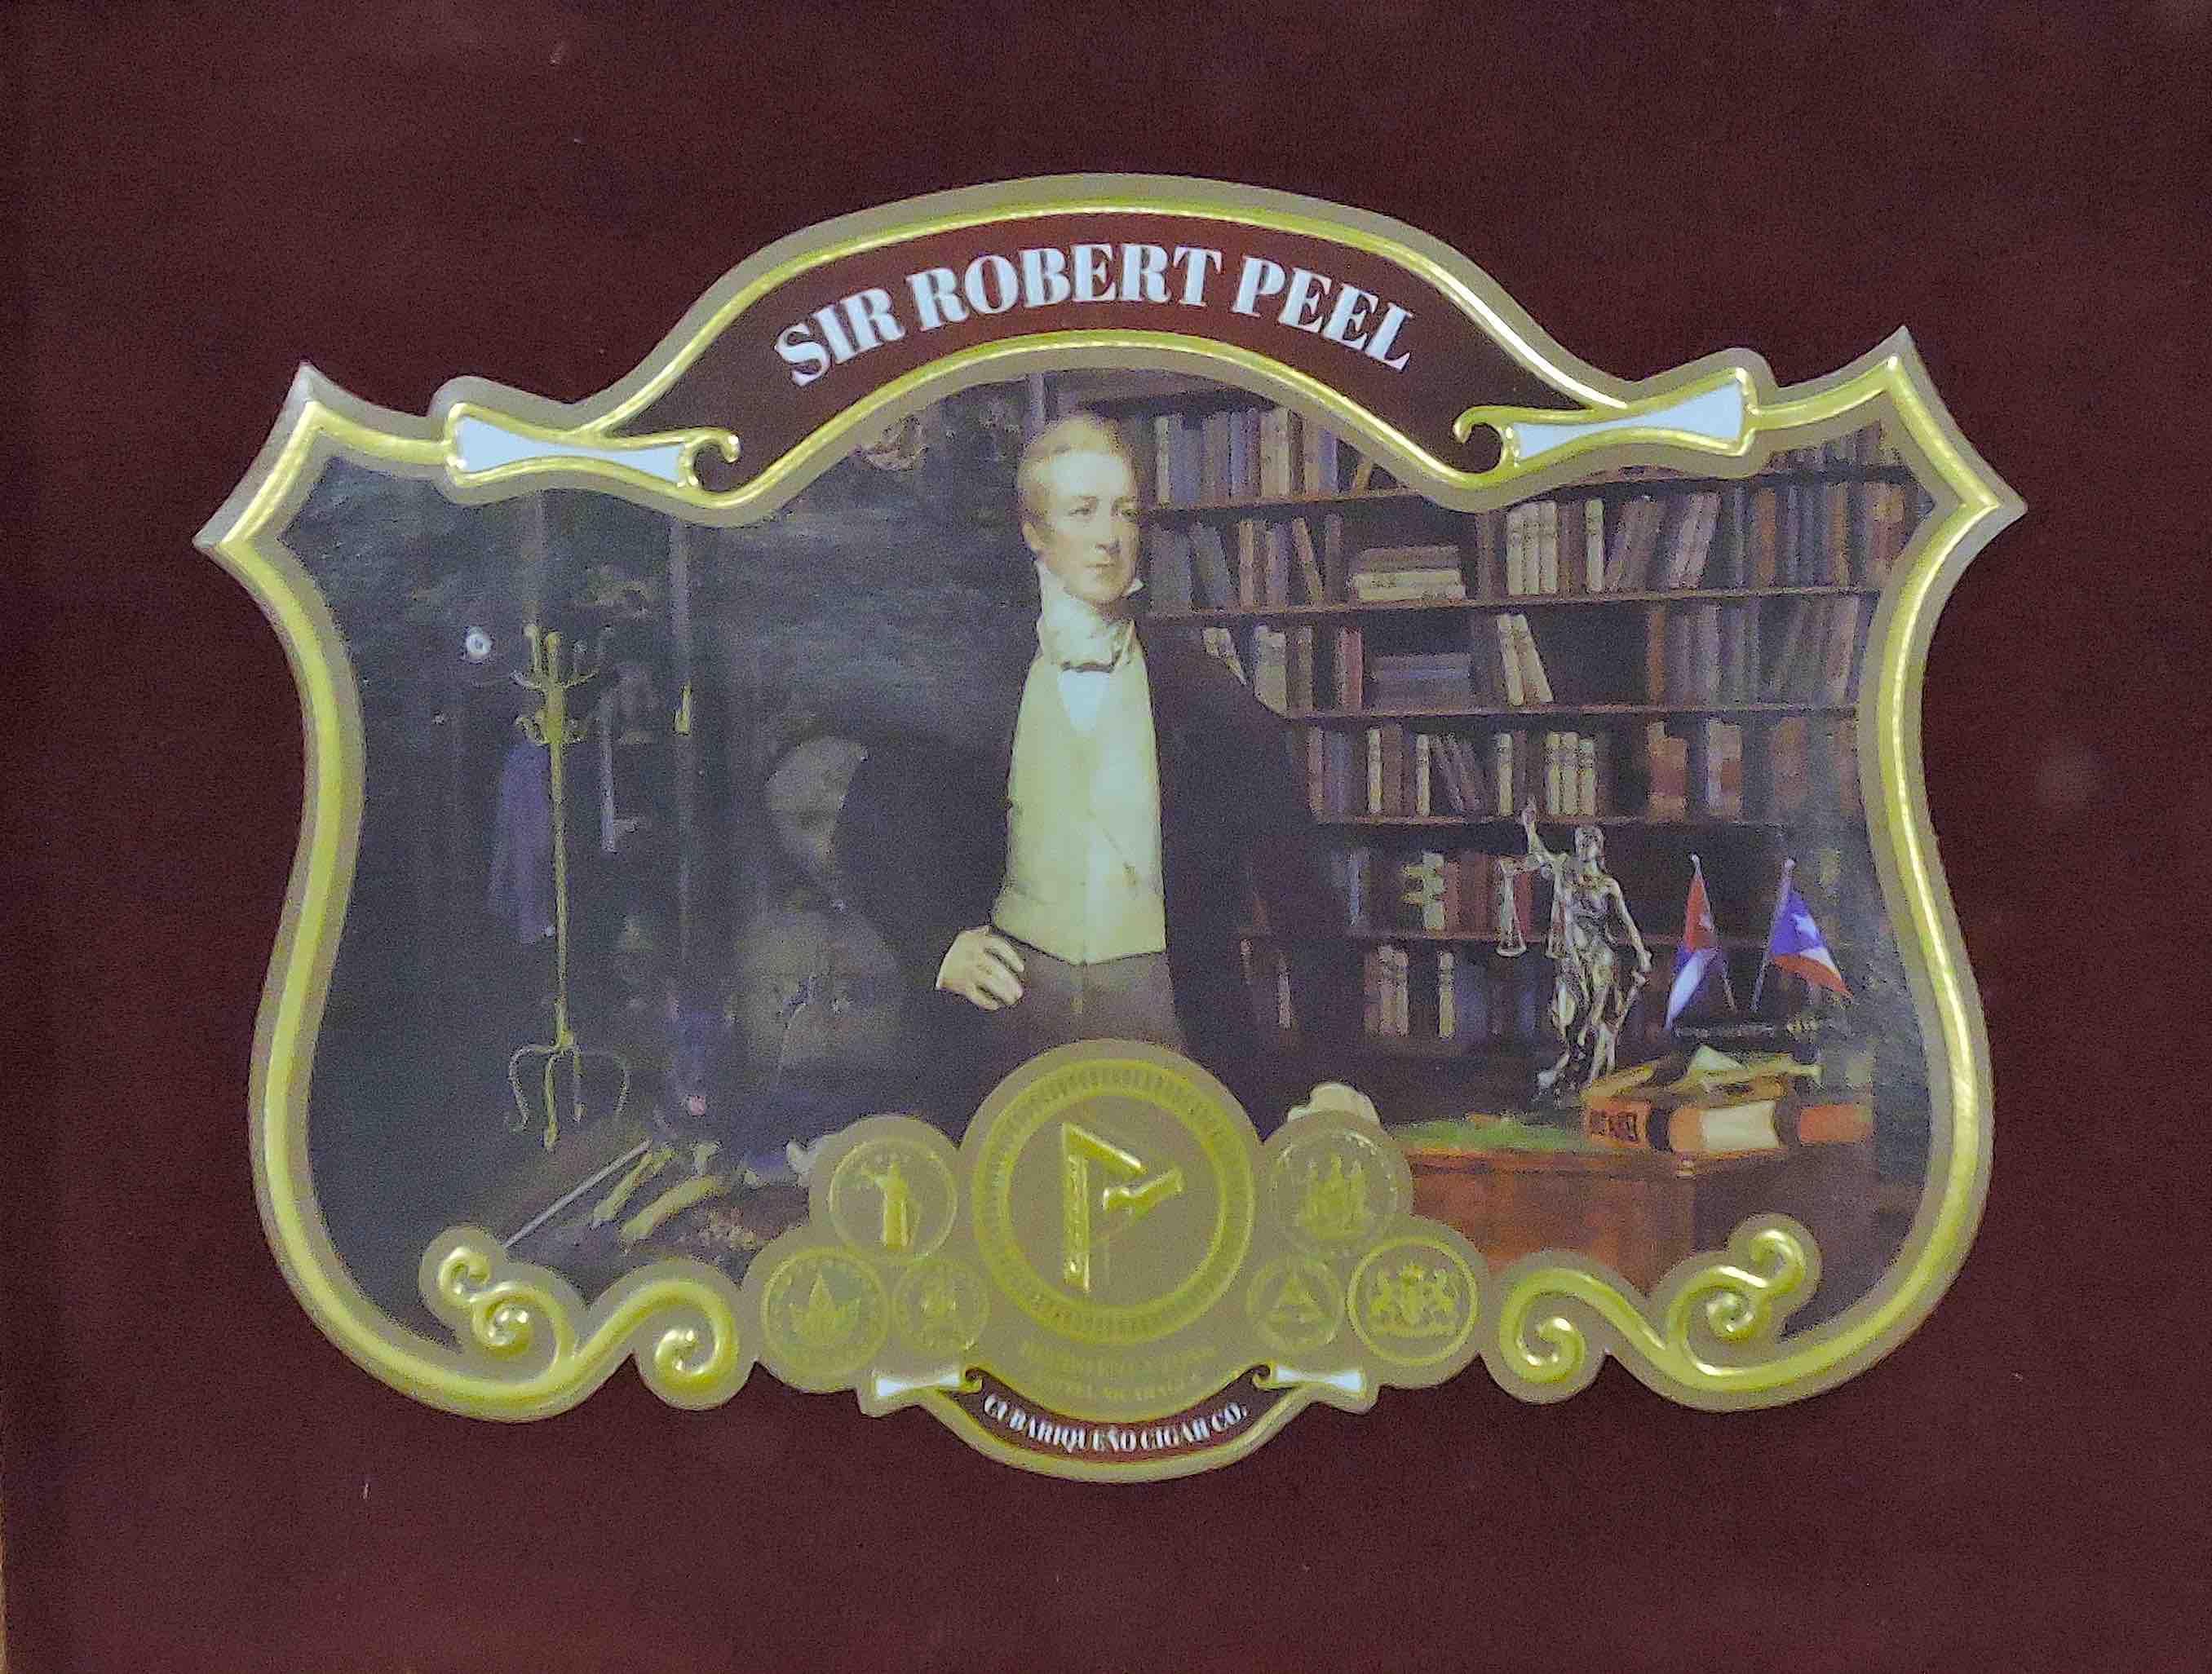 IPCPR 2019 Spotlight: Cubariqueño Cigar Company